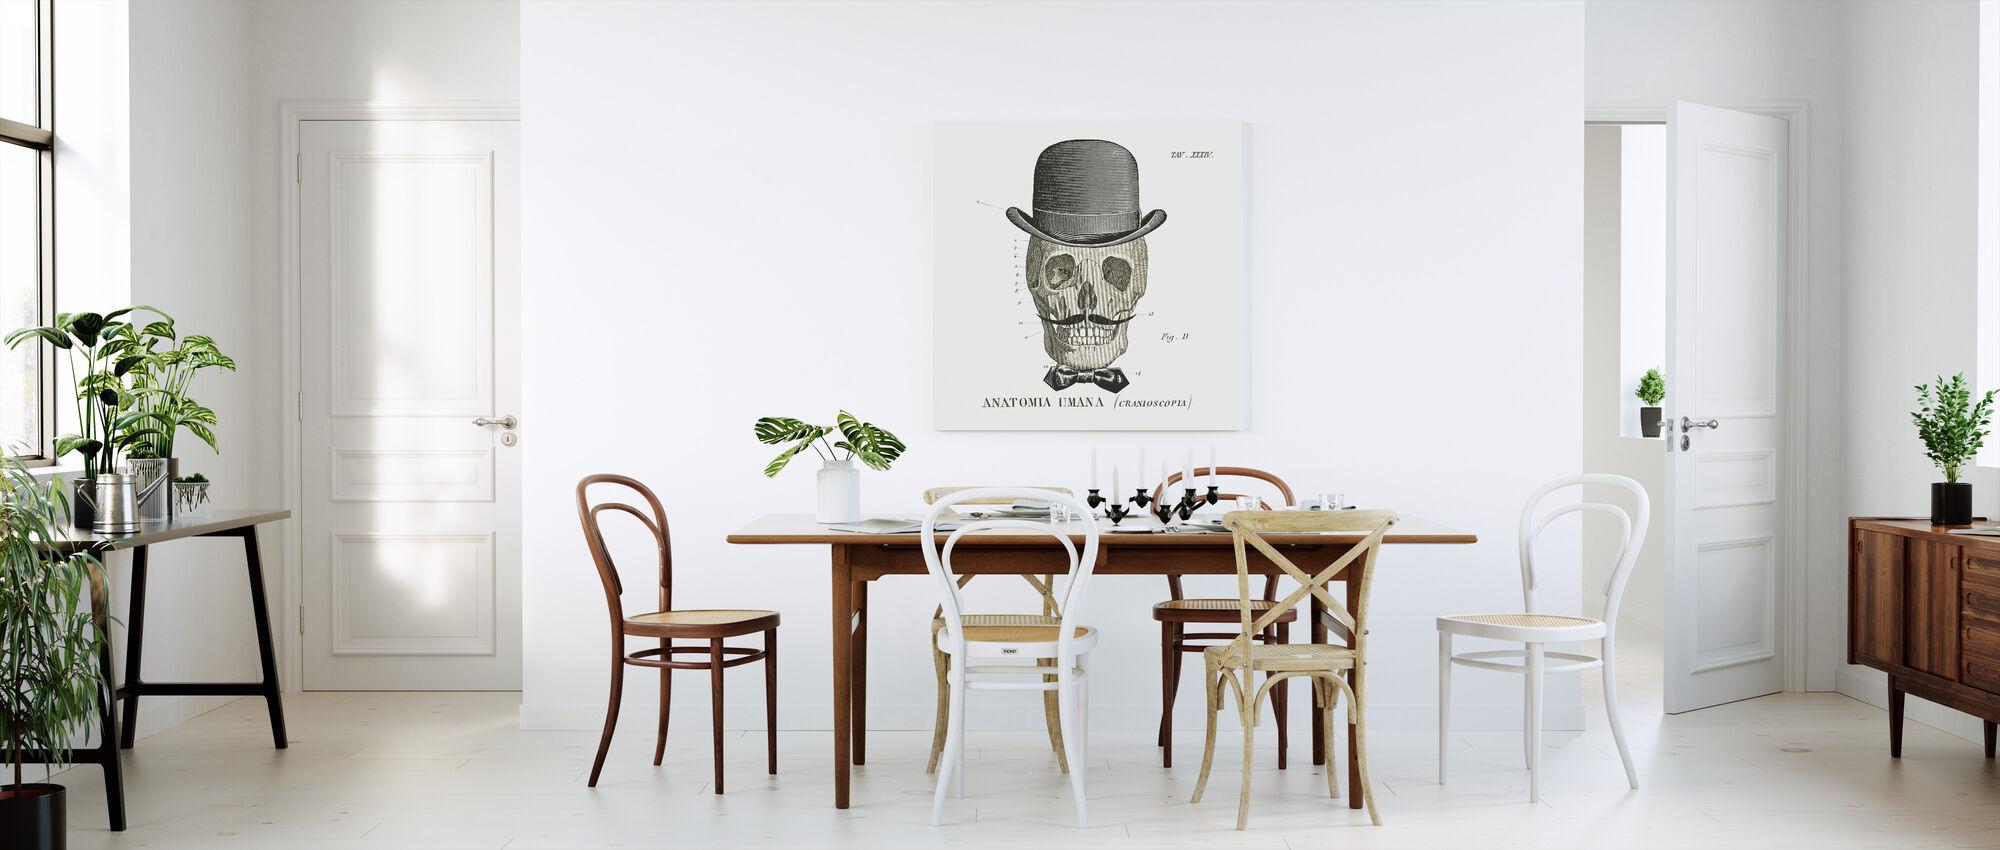 Dandy knogler IV - Billede på lærred - Køkken